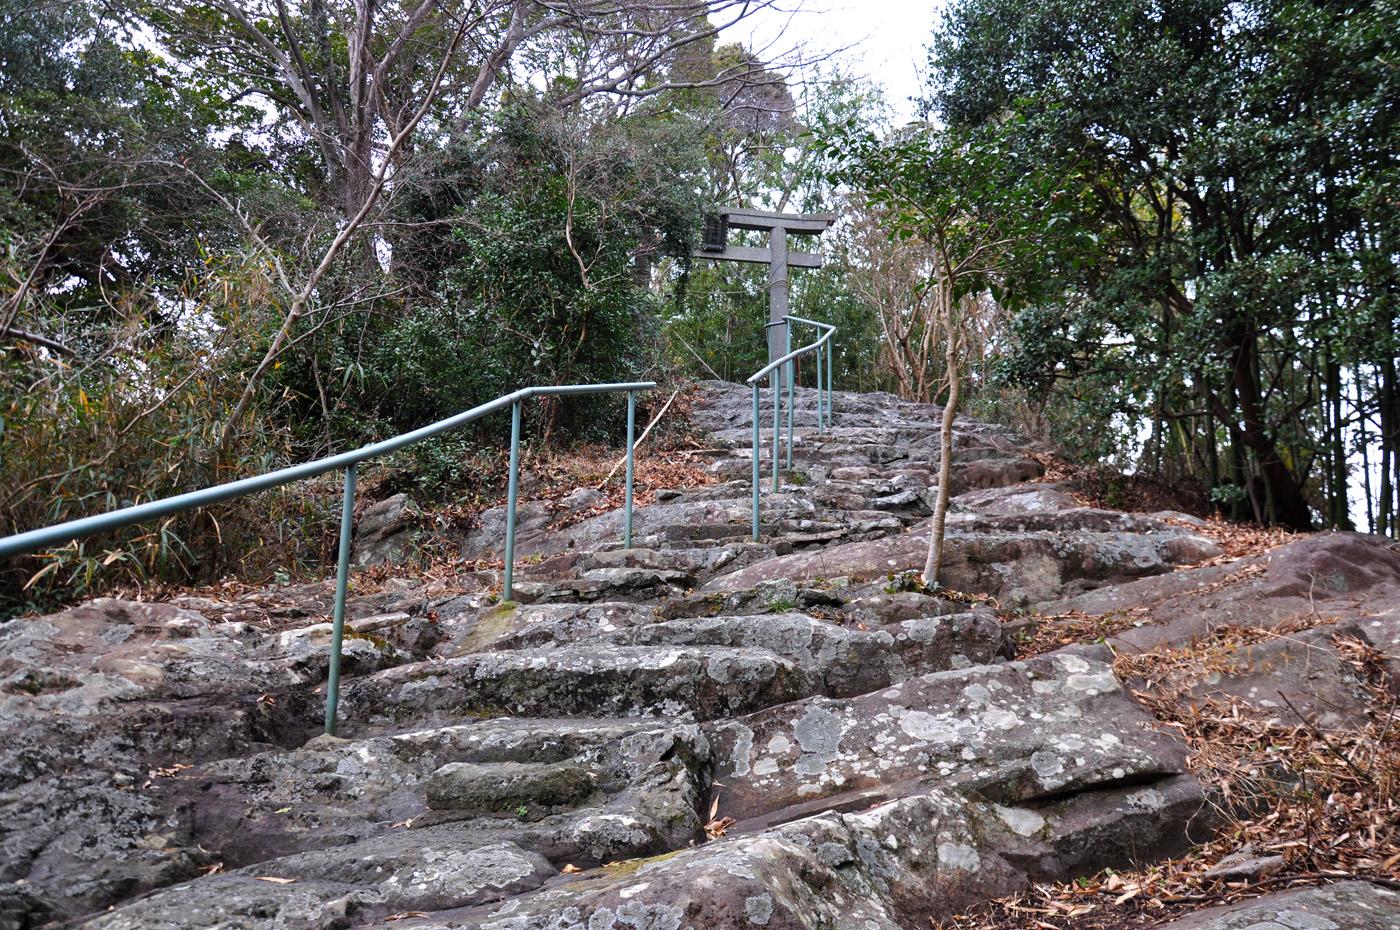 山頂の淡島神社へ続く道には火山の根の岩盤が見られる CC BY